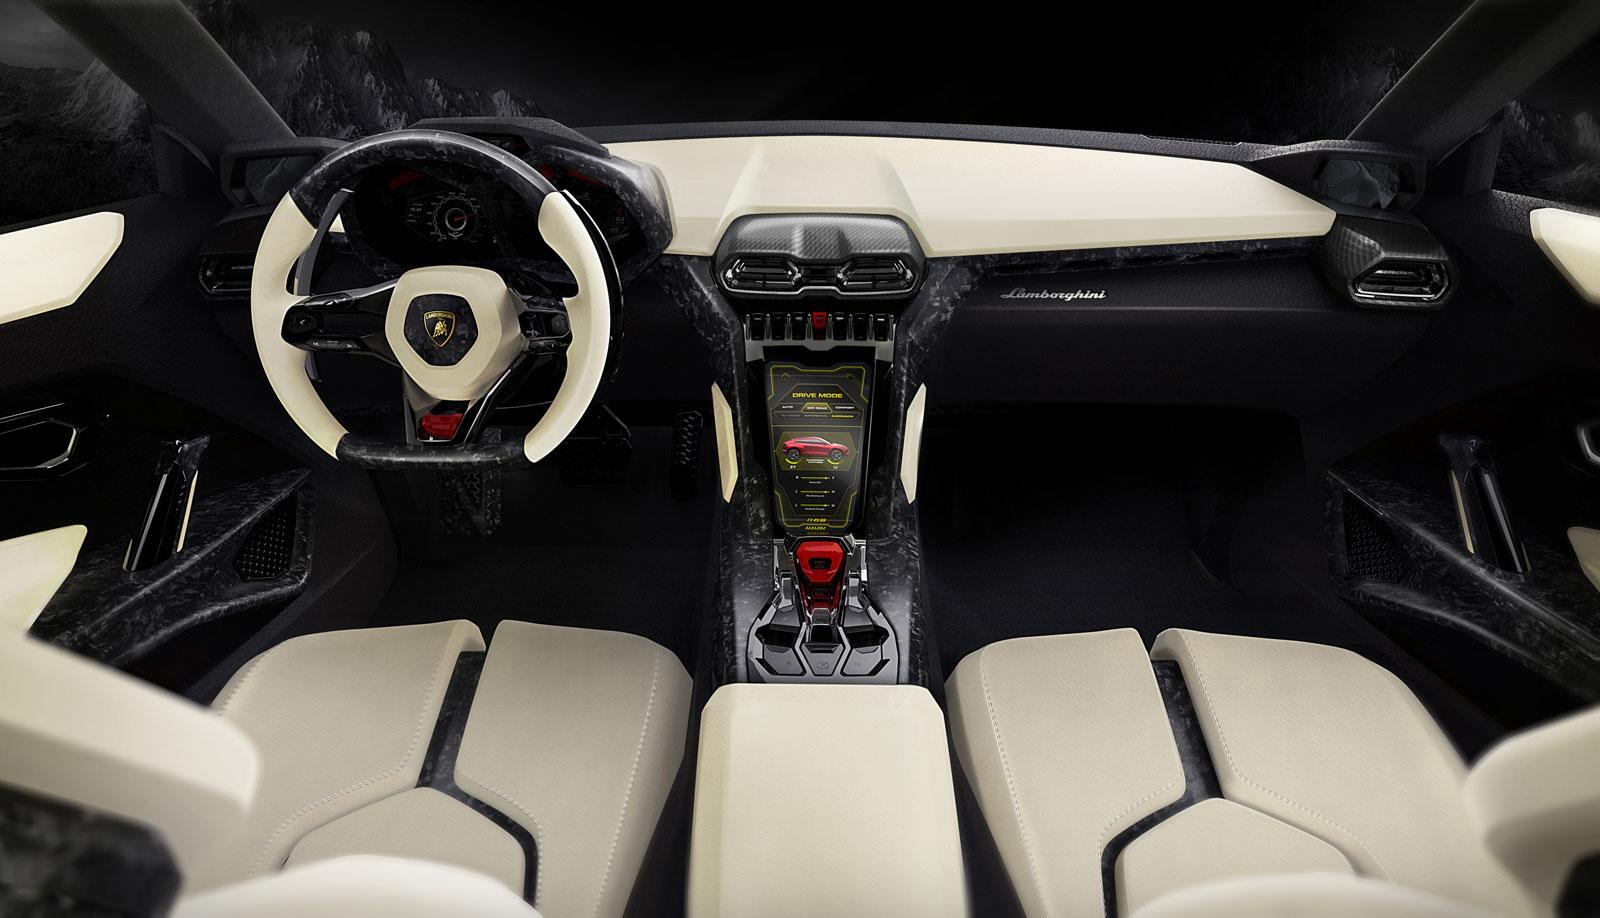 2012 Lamborghini Urus Concepts